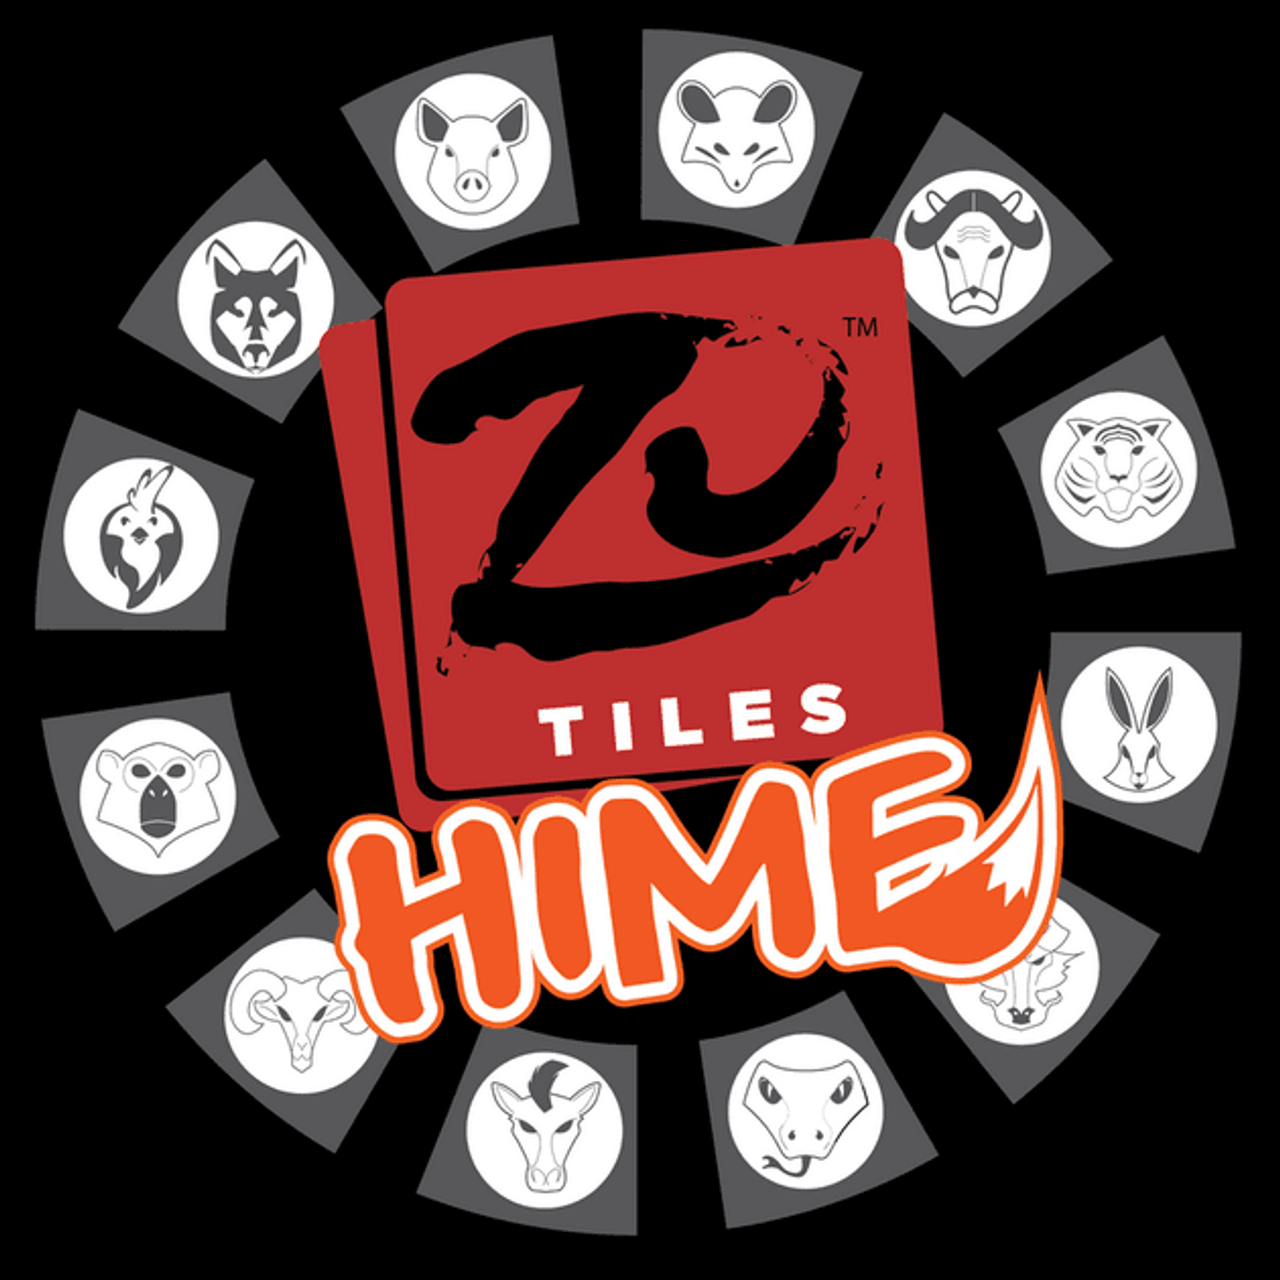 Zu Tiles LLC